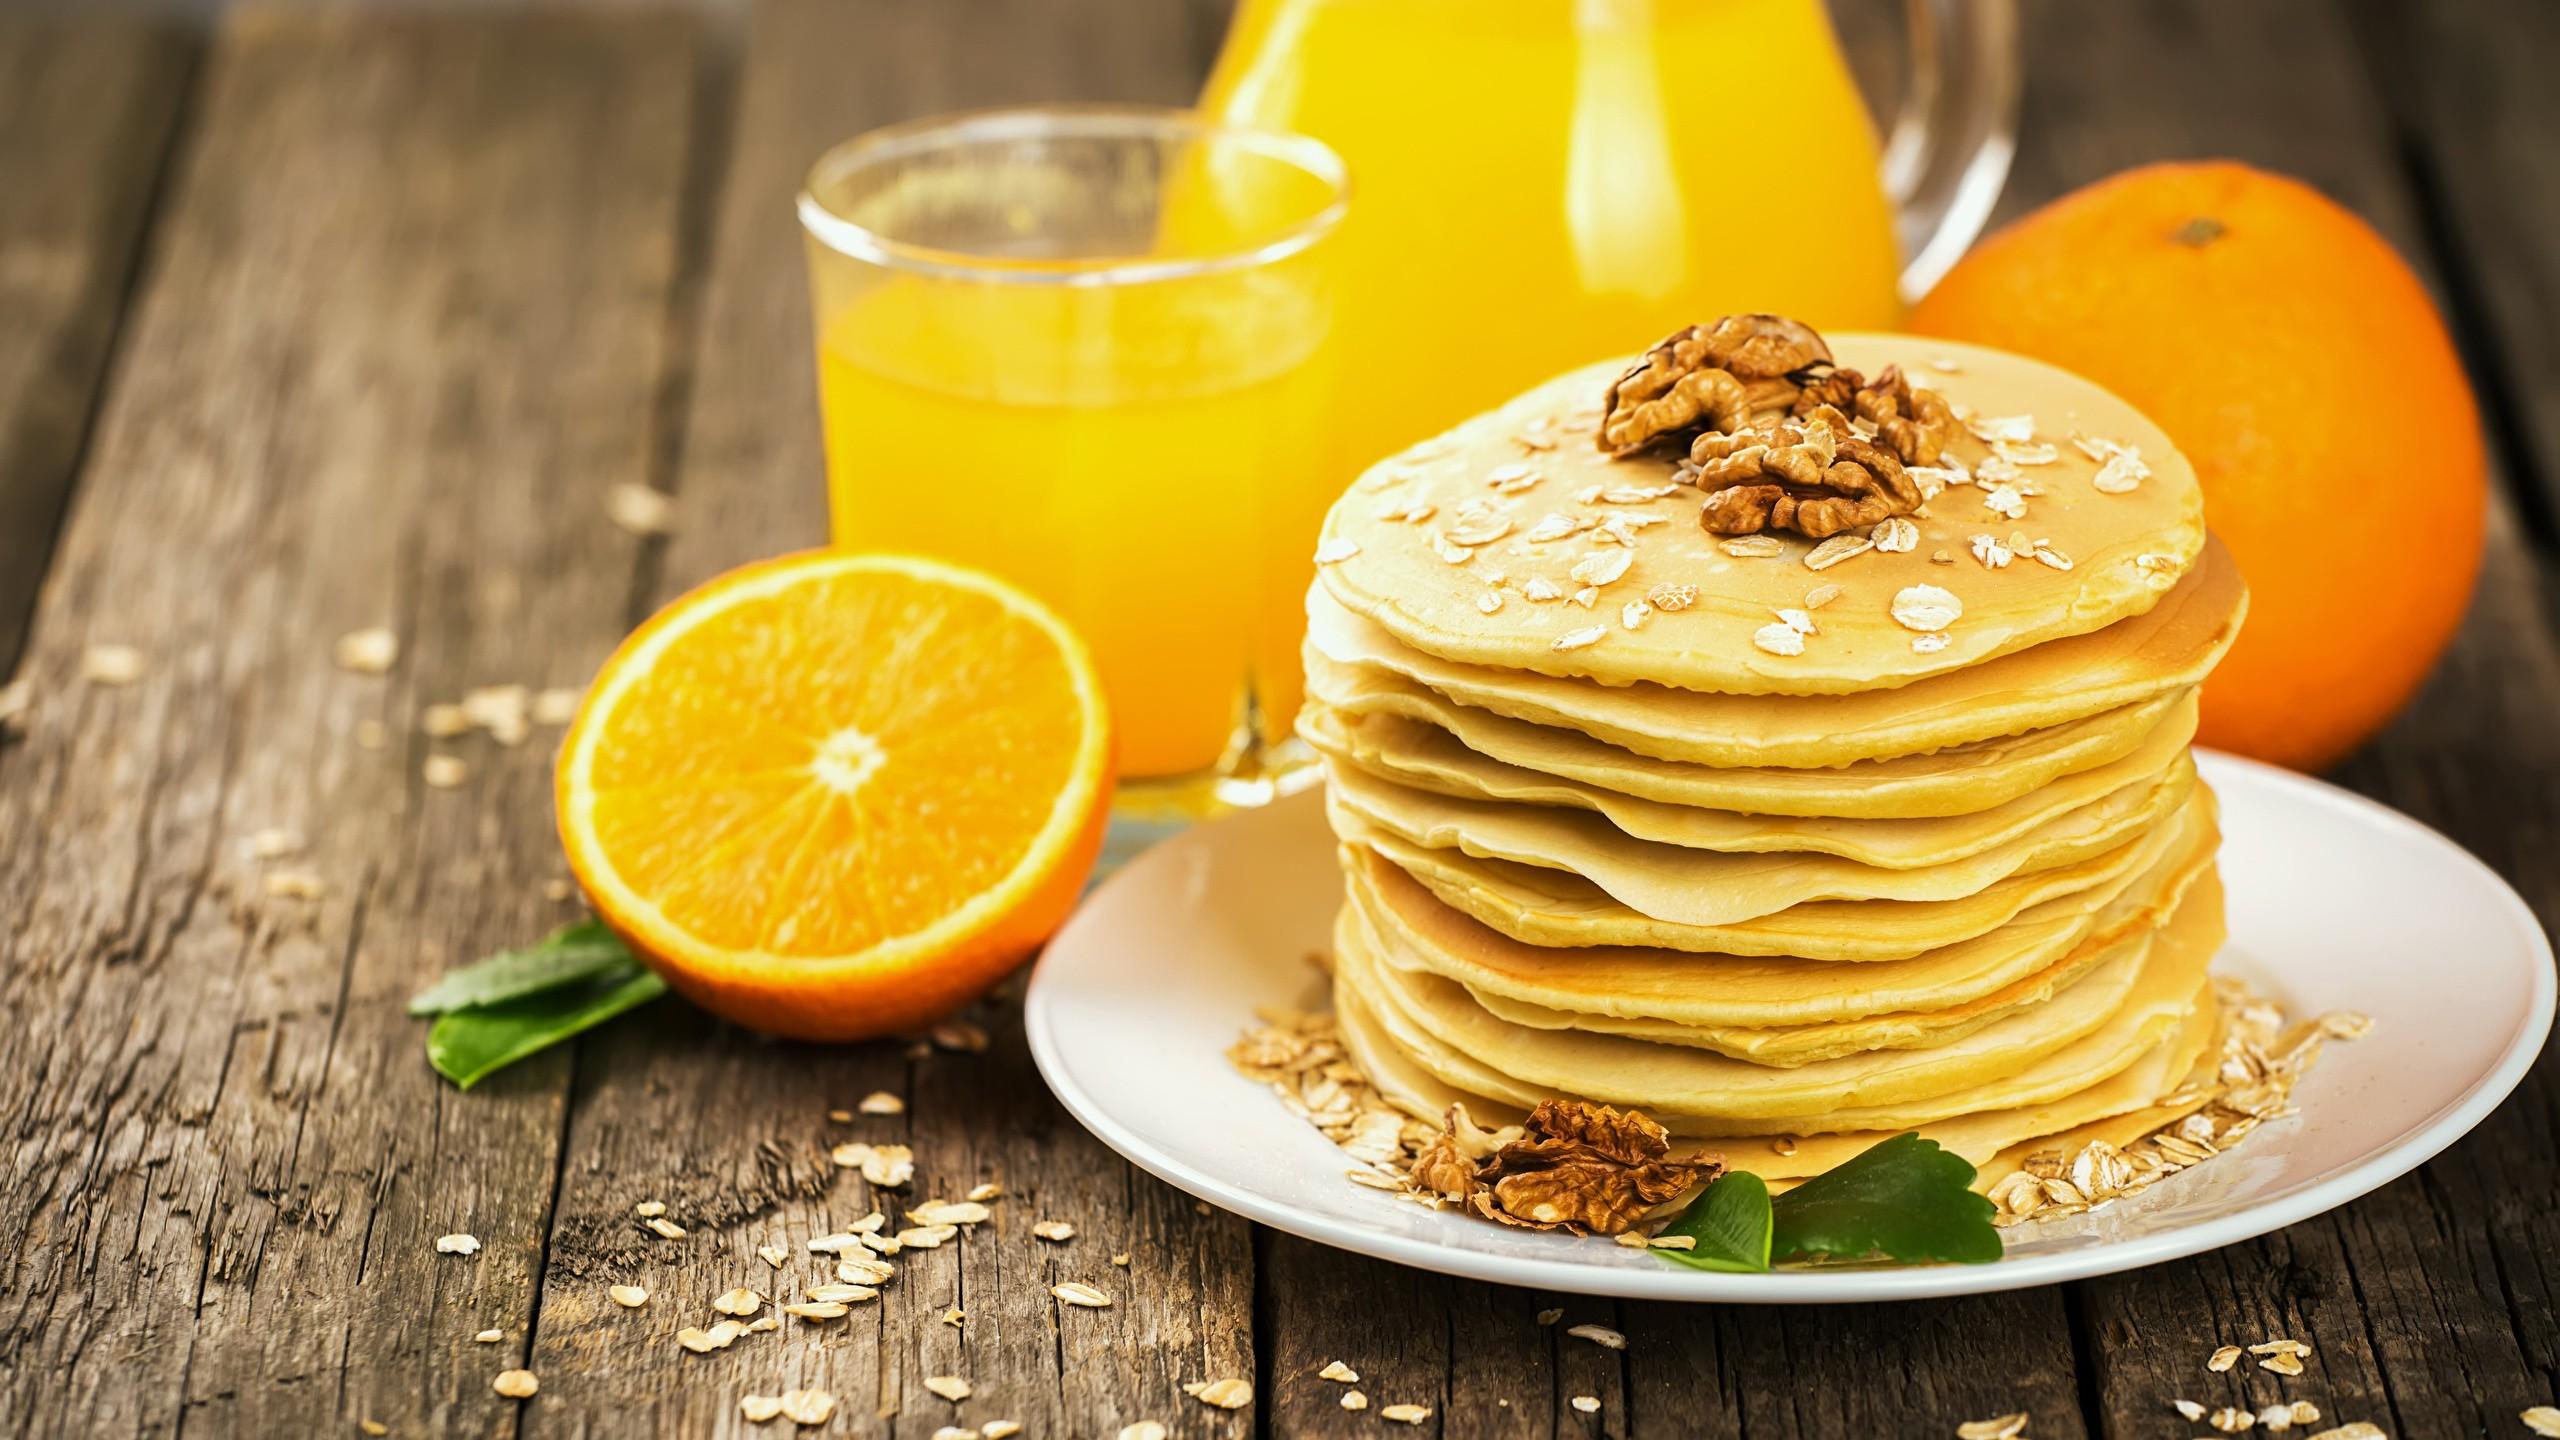 Pancake 1080p